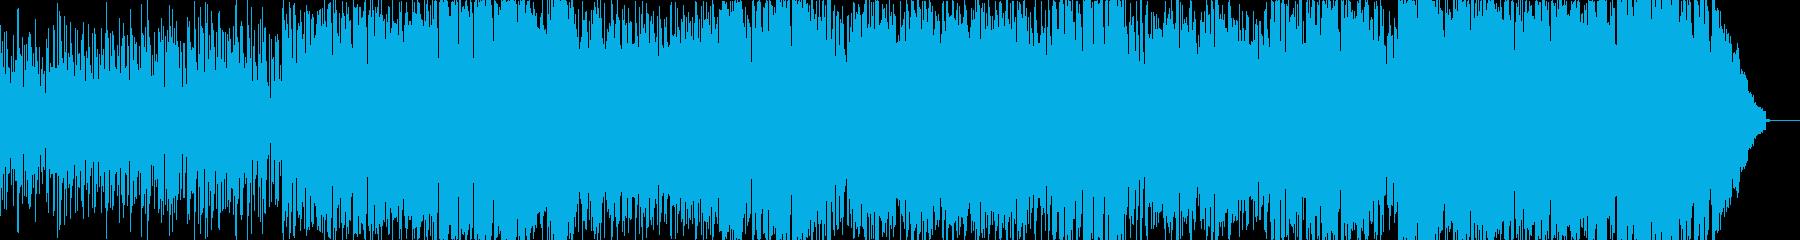 エンドロールに使える弦楽ポップス!の再生済みの波形